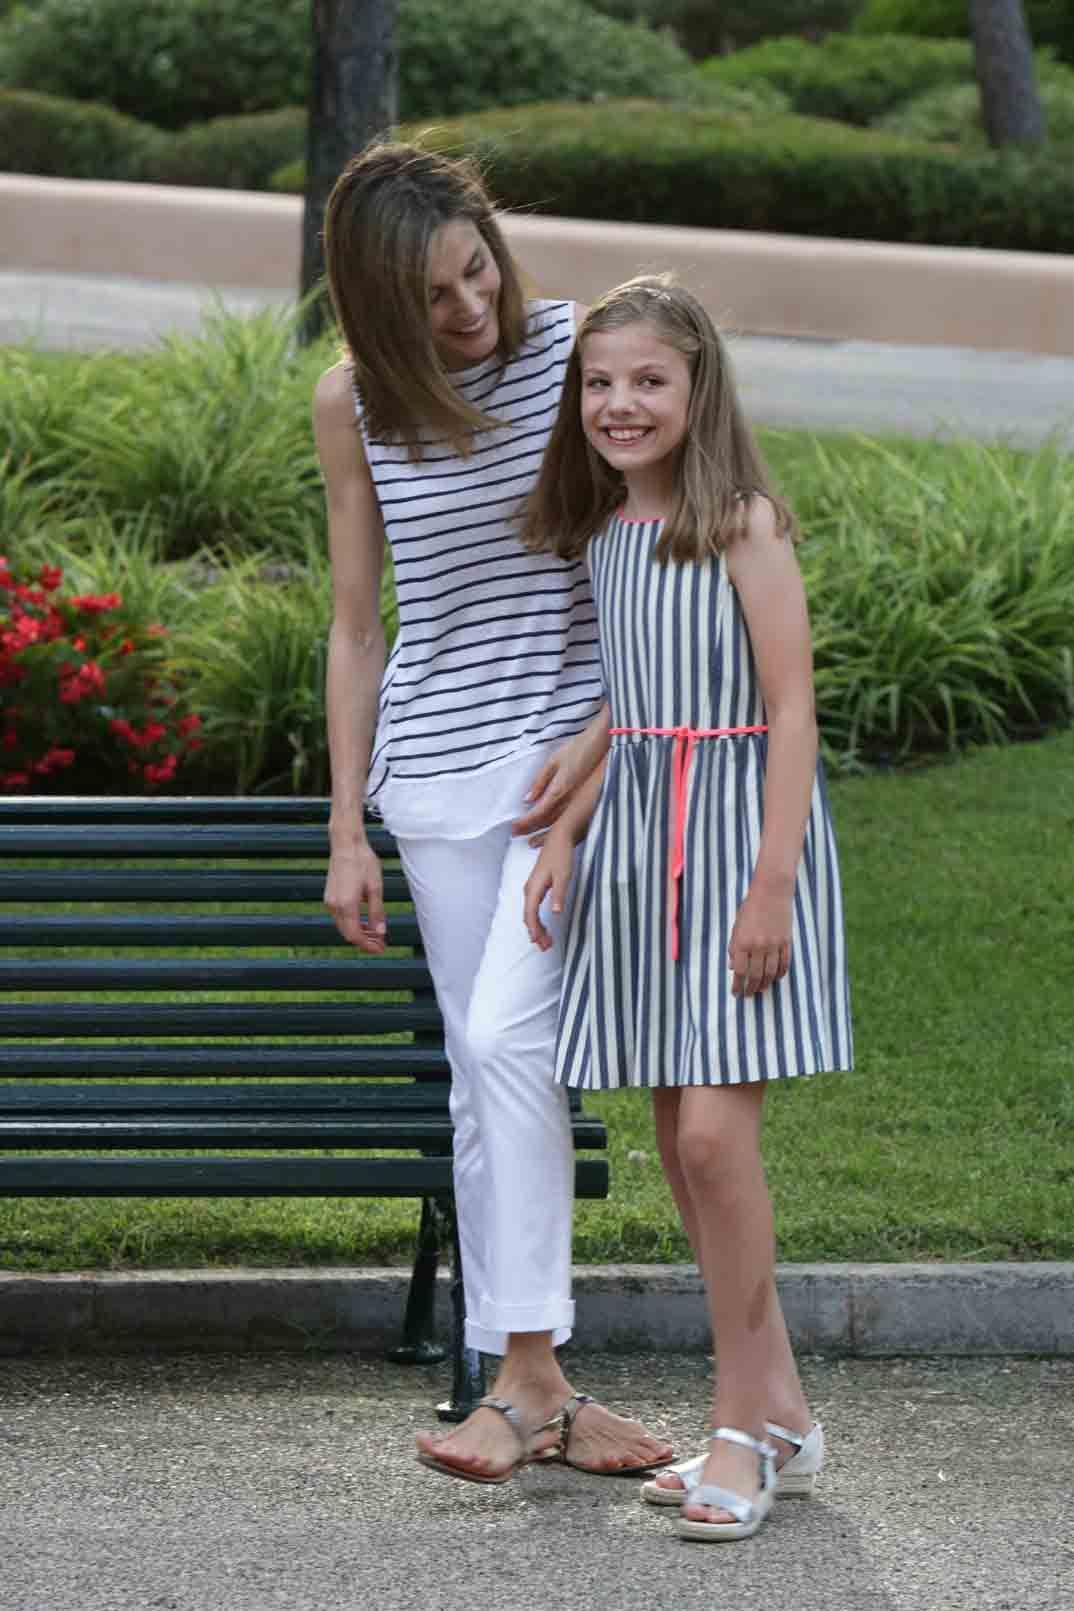 La Infanta Sofía Cumple 10 Años Las Mejores Imágenes Magazinespain Com Infanta Sofia Reina Letizia Ropa De Verano Informal